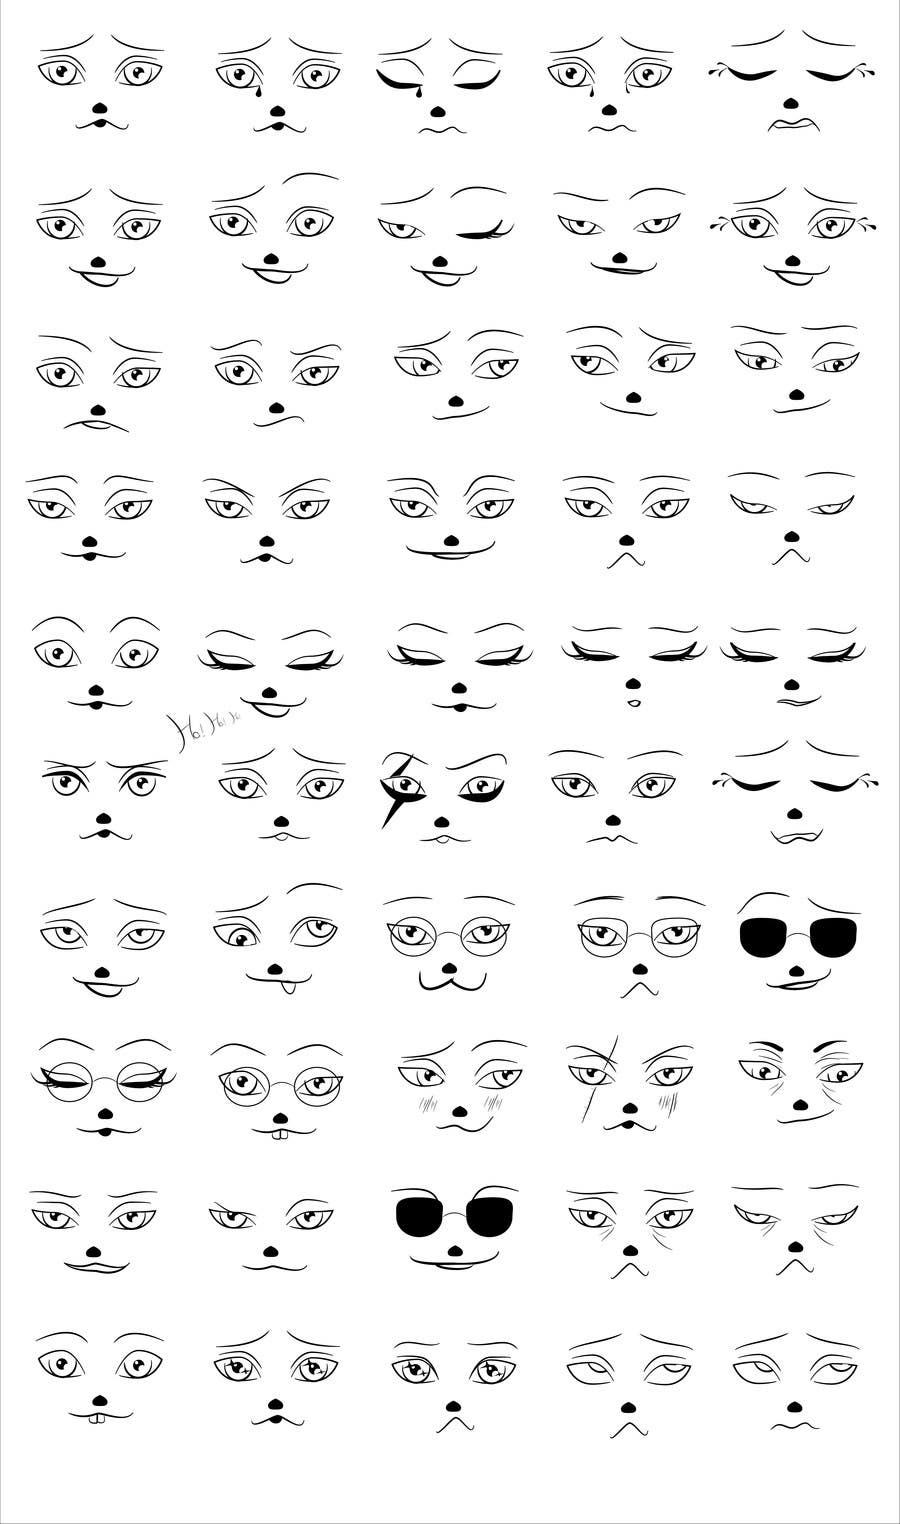 Facial Outline 79